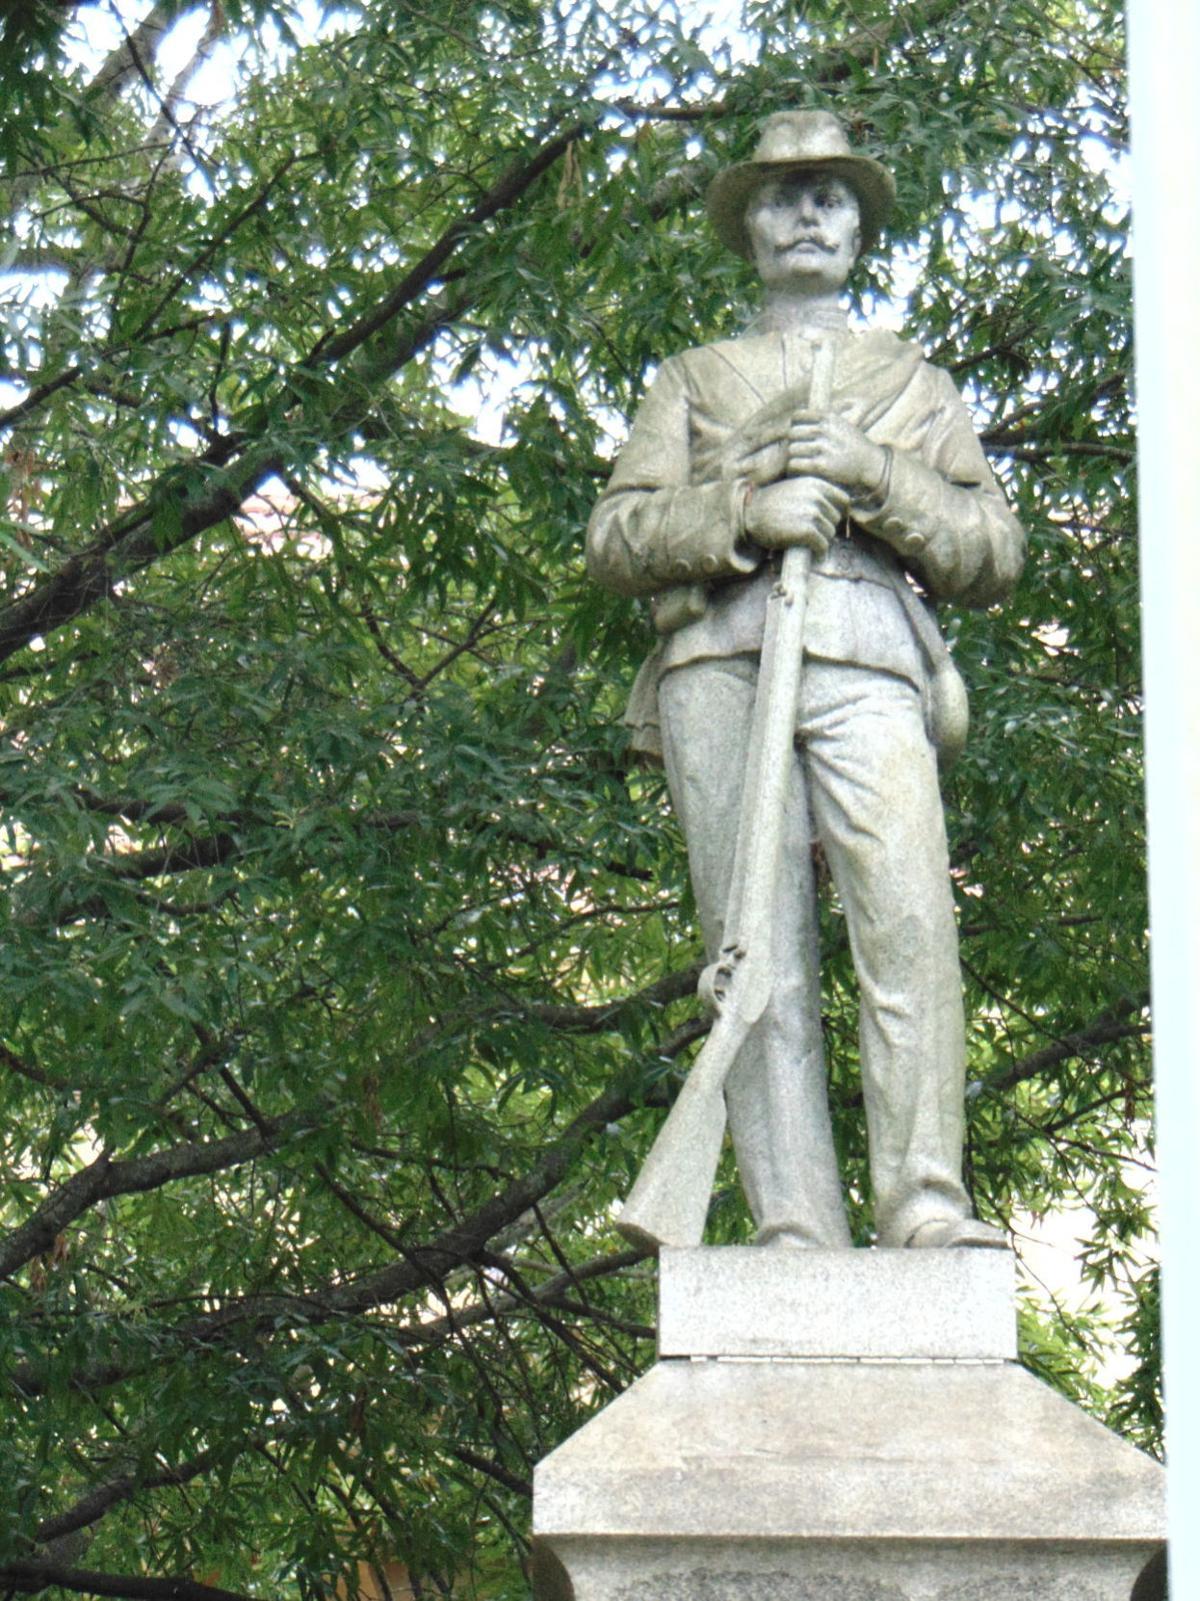 Controversy over a statue